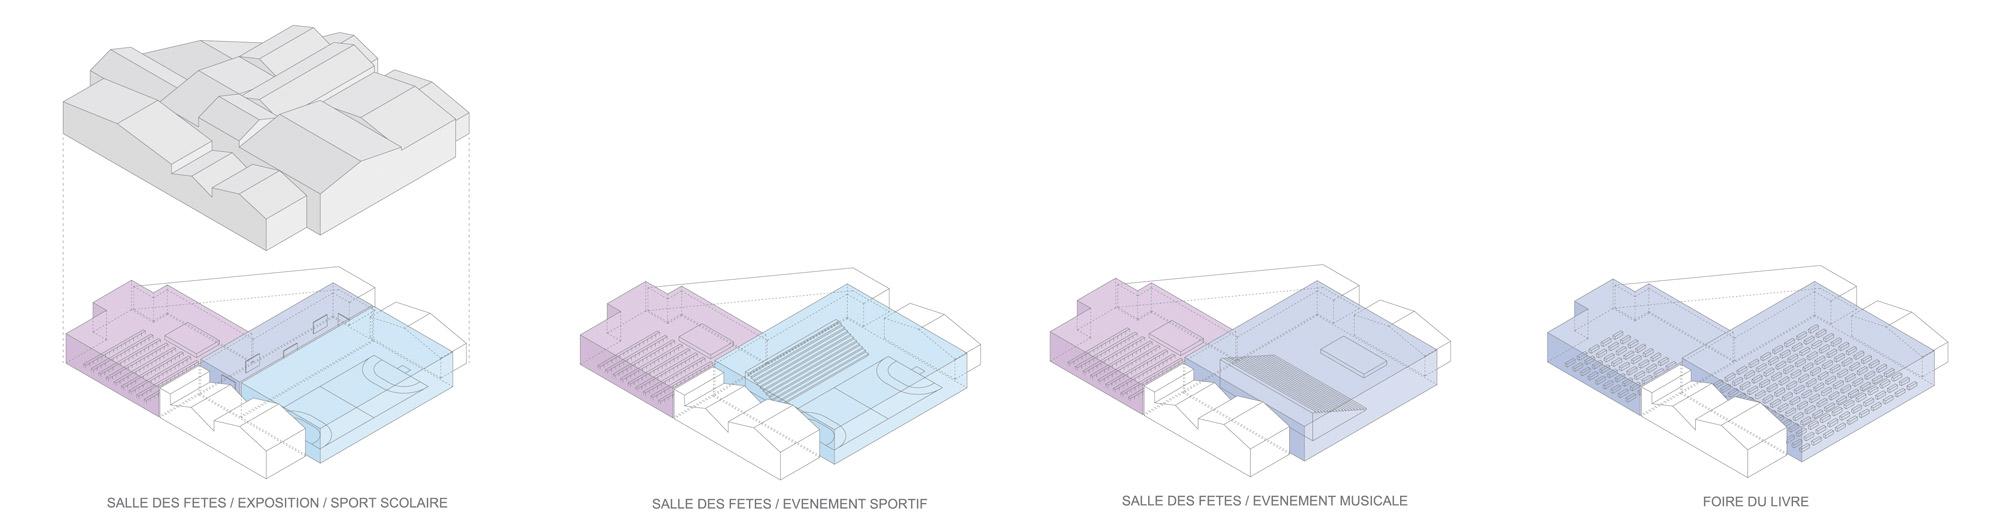 Concept © Manuelle Gautrand Architecture